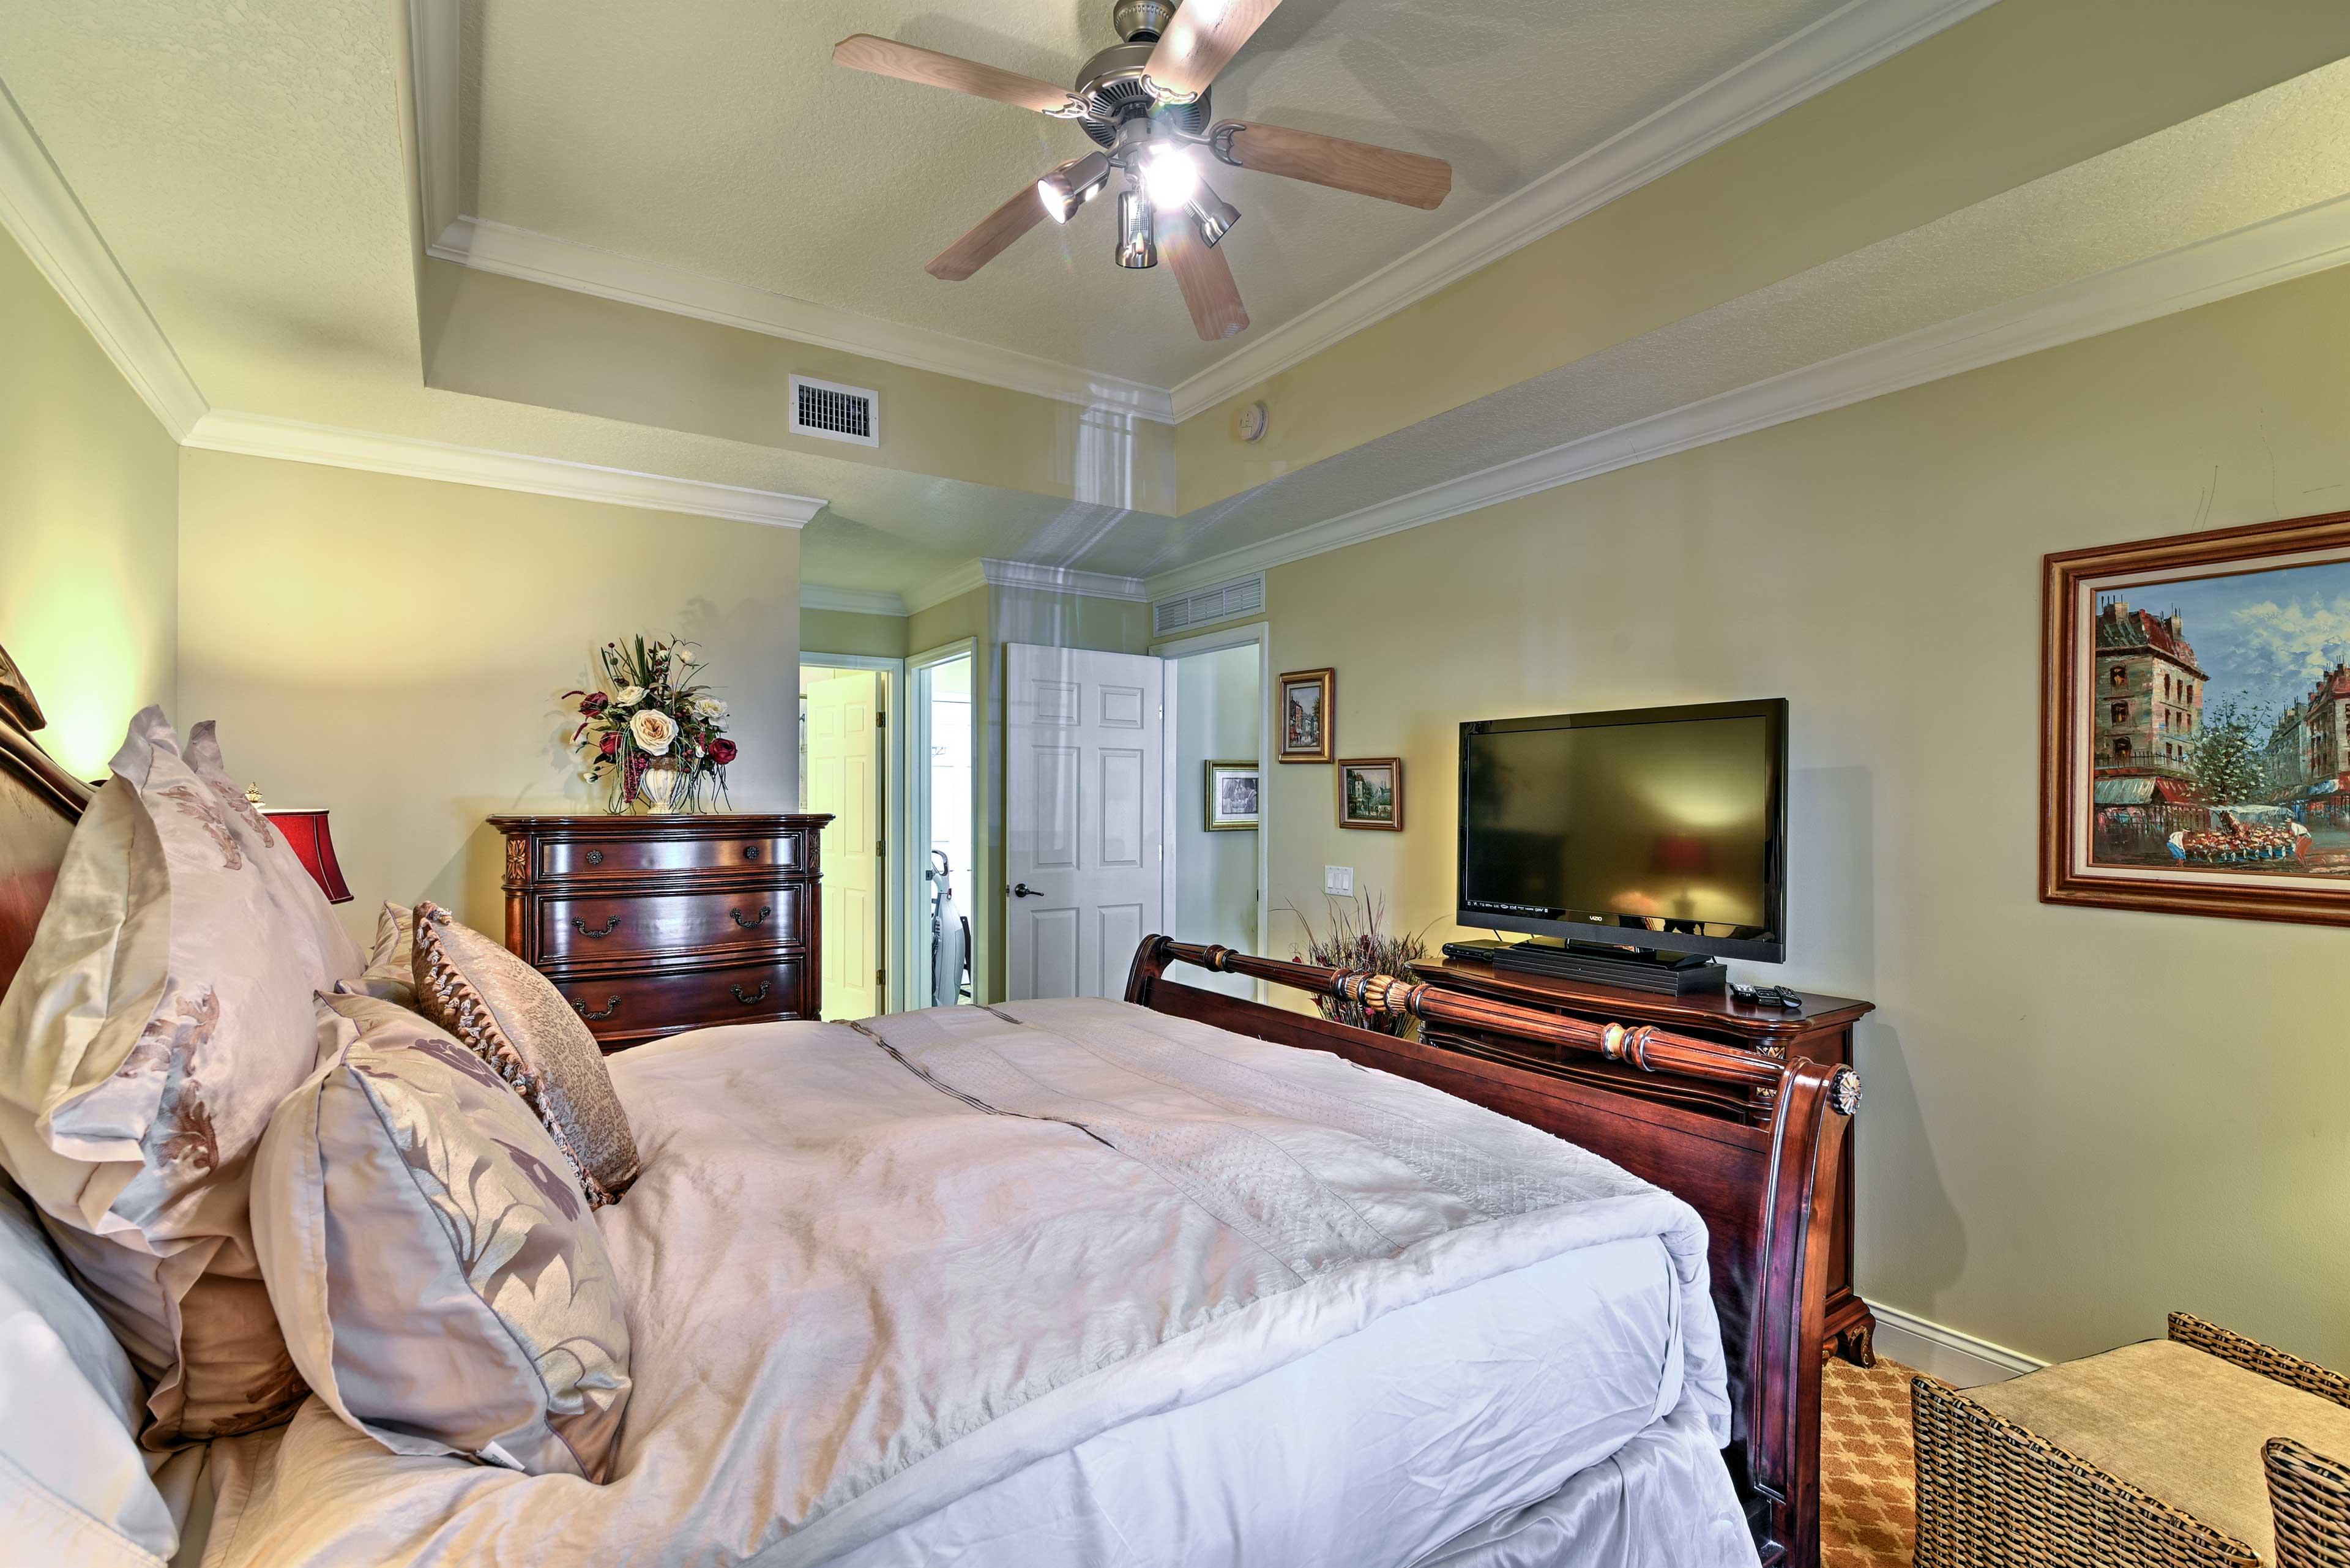 Master Bedroom | Linens Provided | HD TV w/ 3D